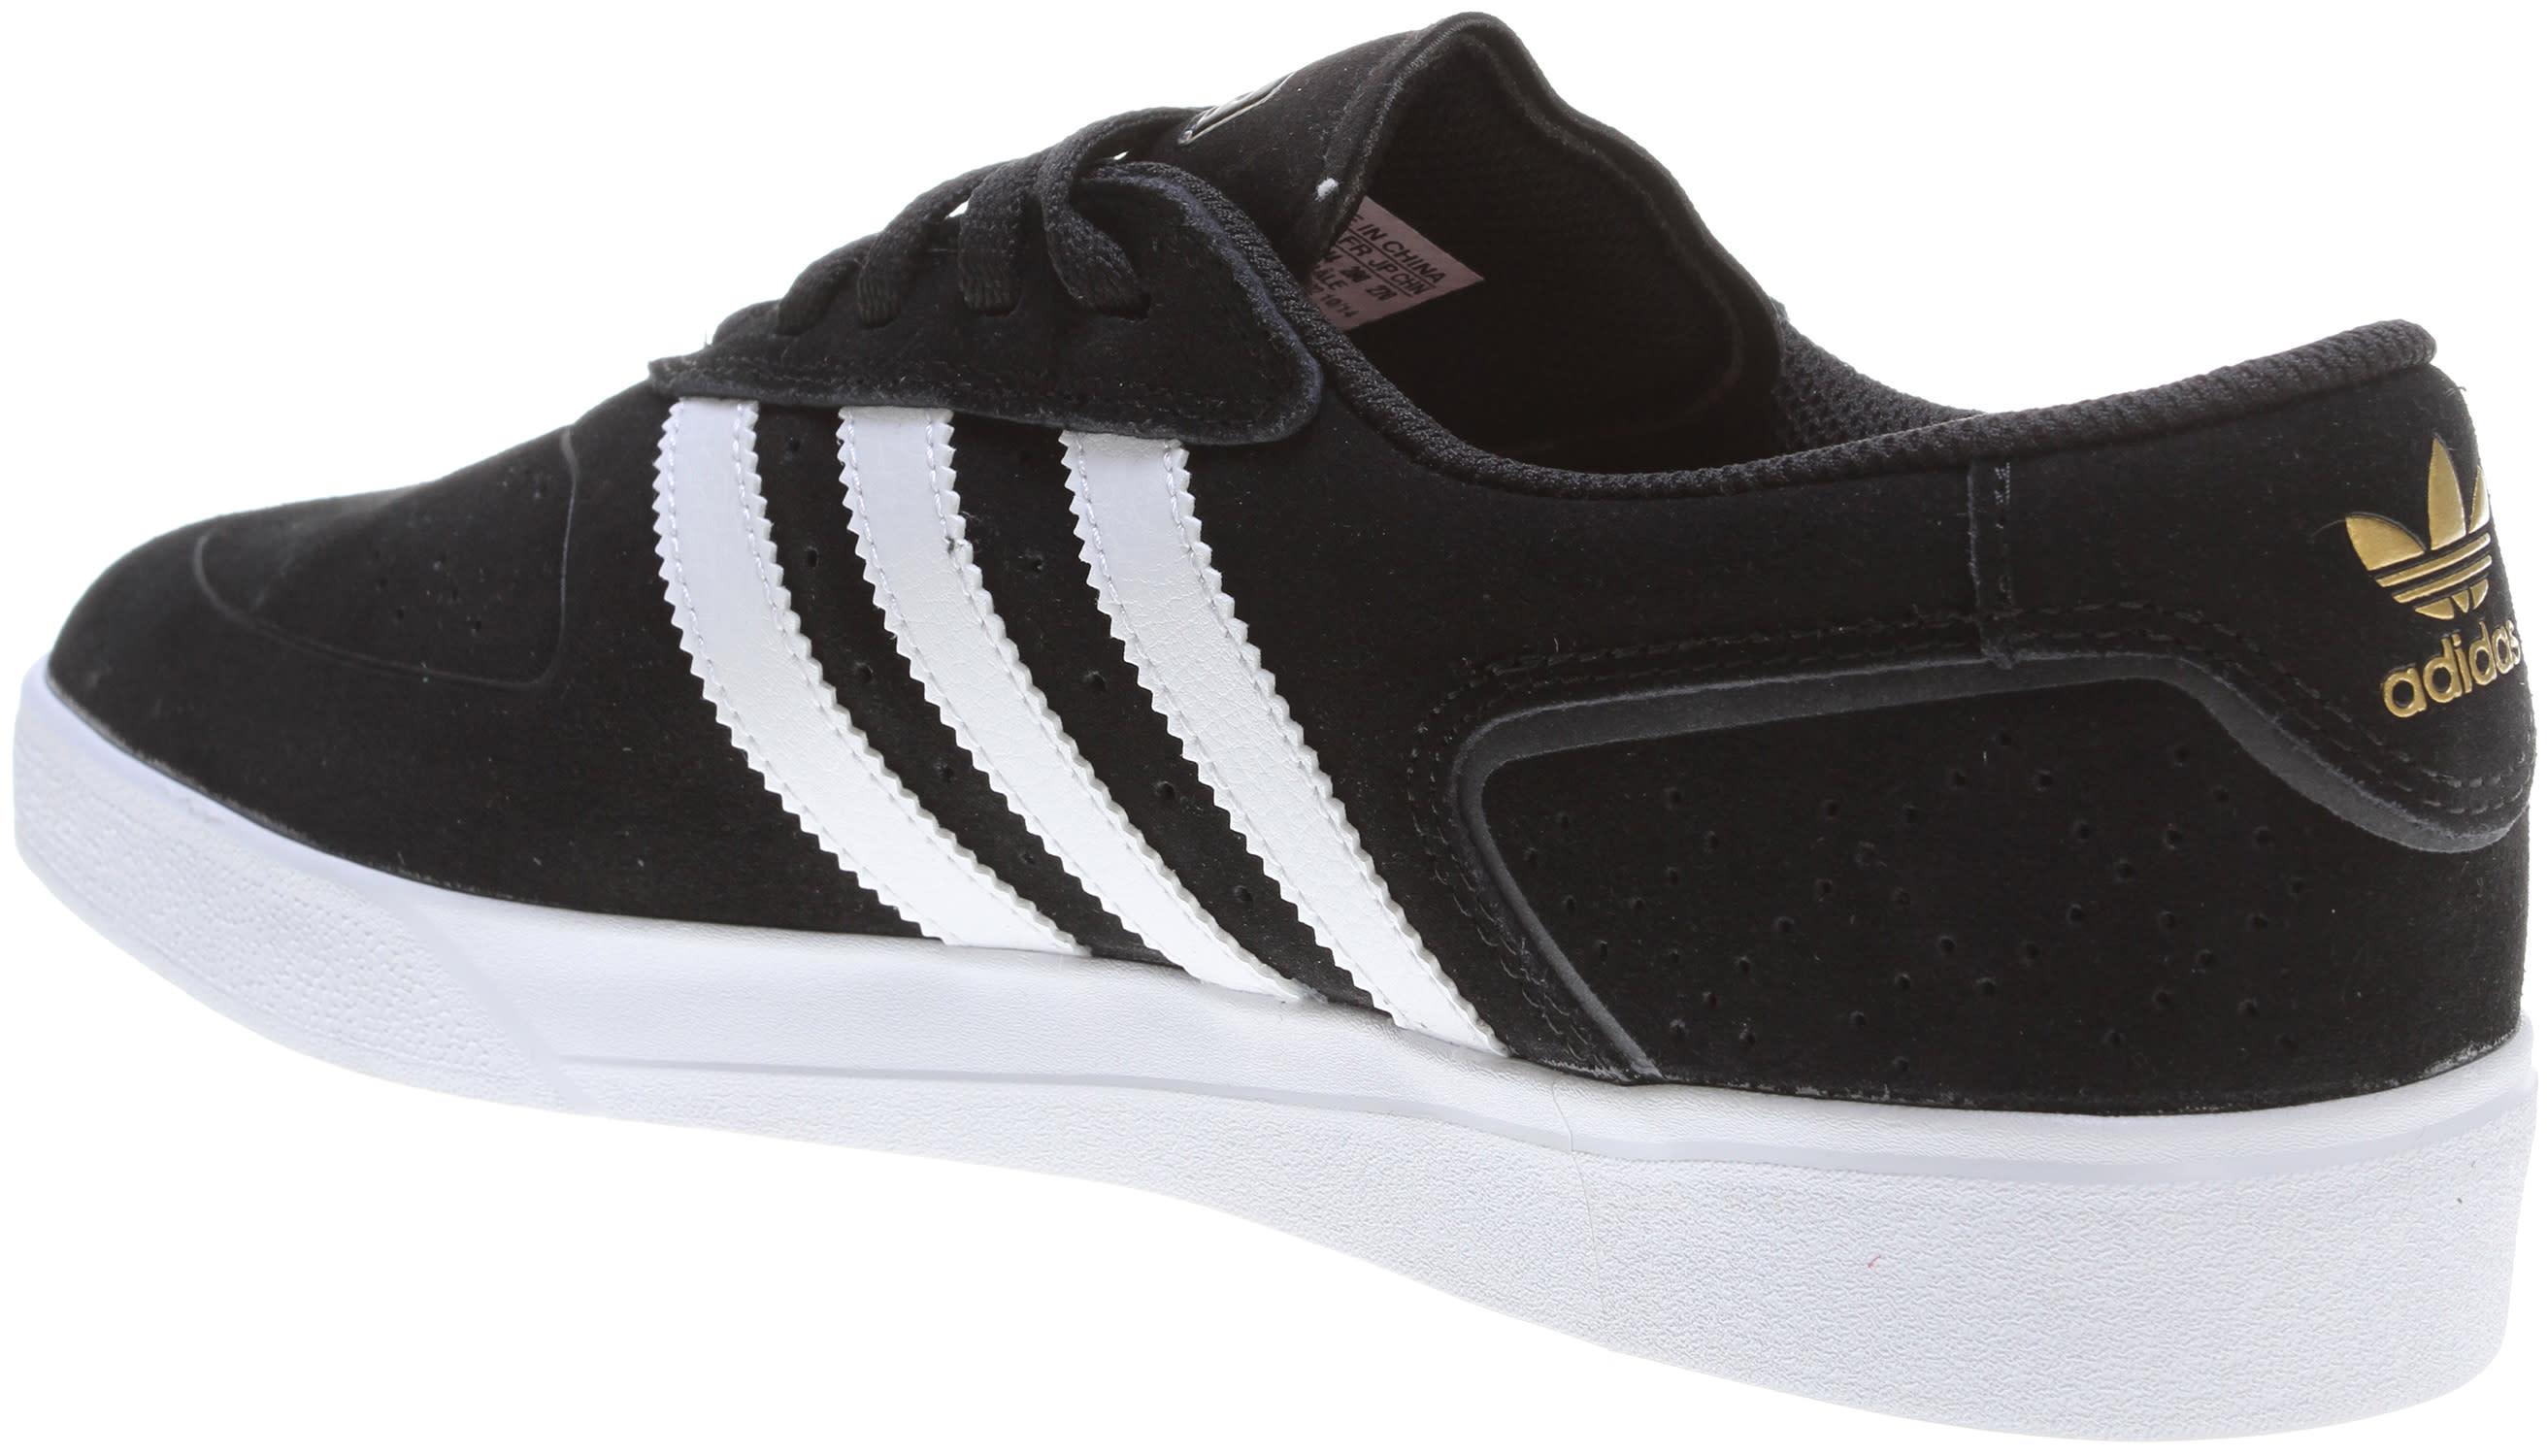 dd01c1284a241c Adidas Silas Vulc Skate Shoes - thumbnail 3